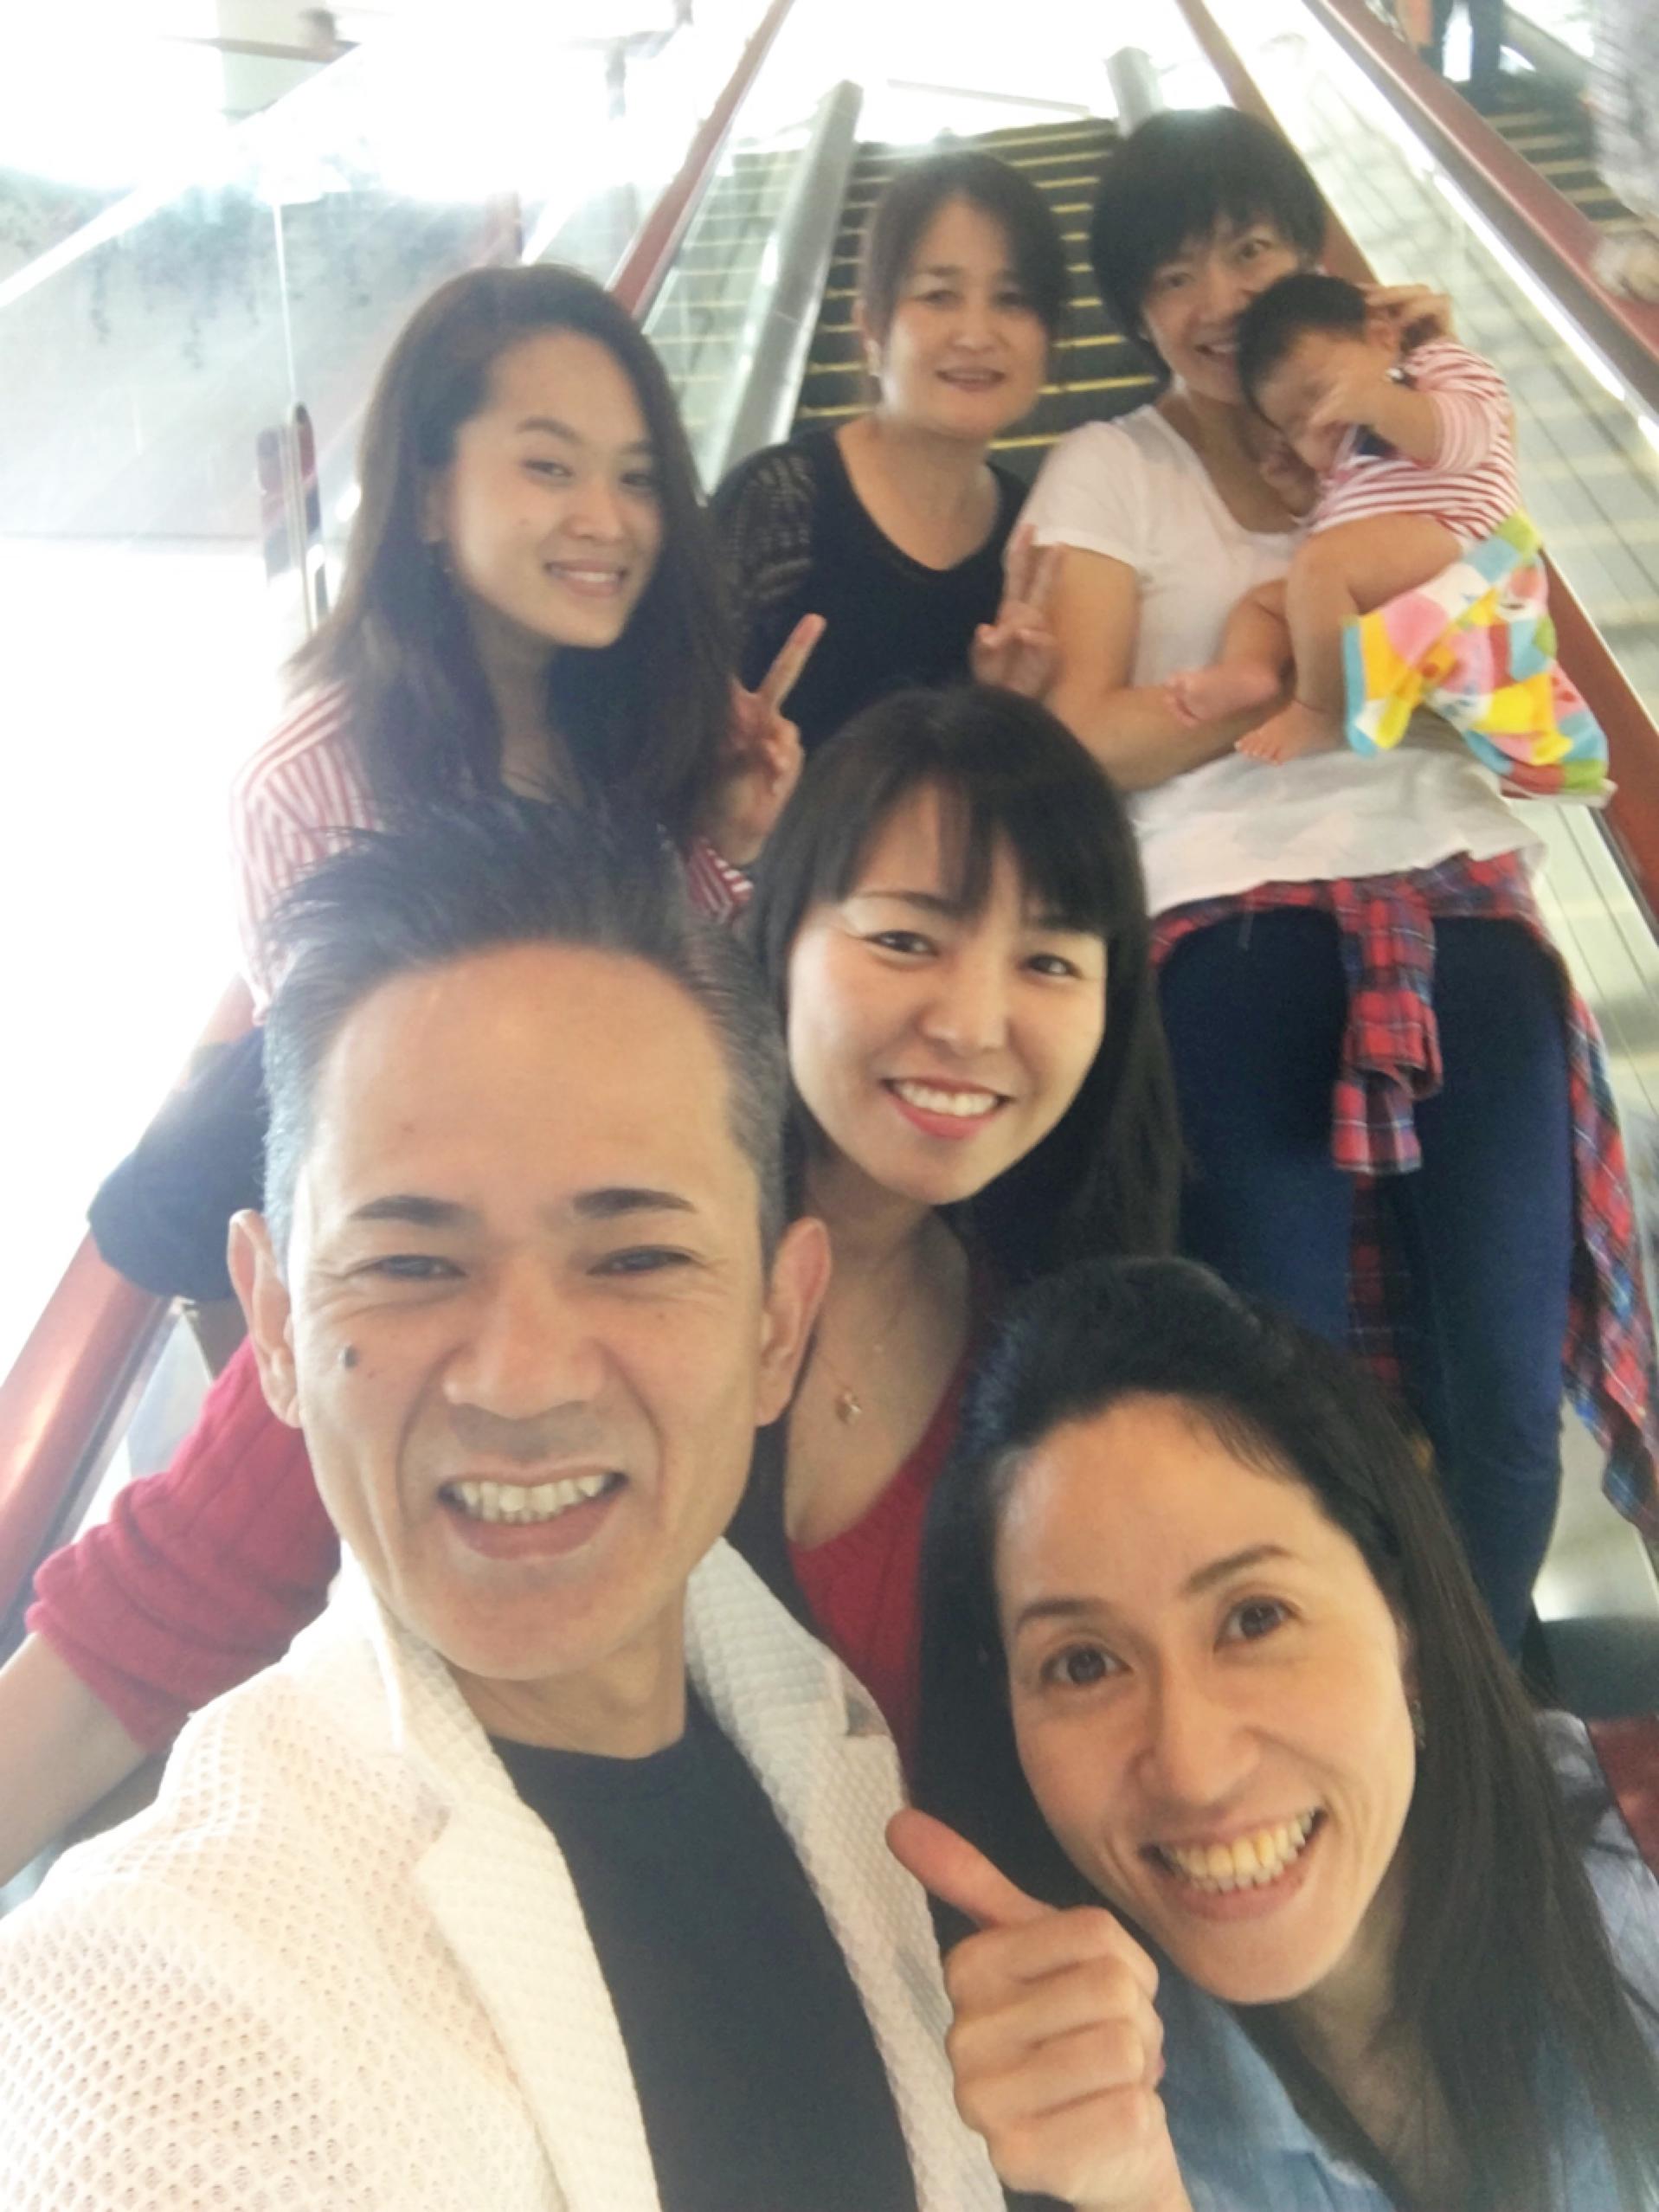 沖縄に帰ってきたと思ったら、今週末は横浜の船井フォーラム、そして鹿児島講演会✨にて、先生、小堀さんは今日から東京へ出発です✈️ 皆んなでお見送り?